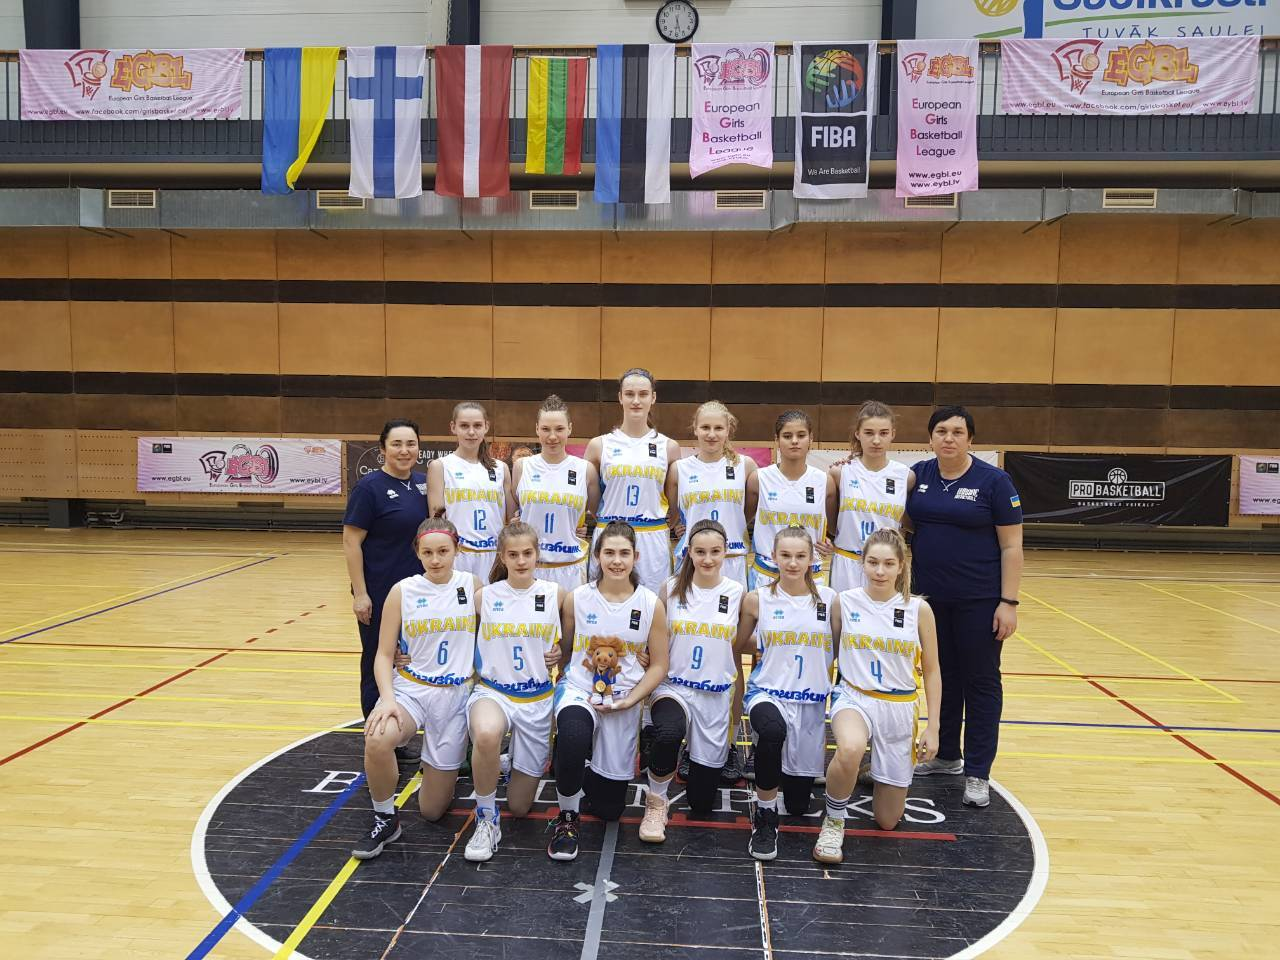 Збірні України U-15 та U-16 провели чергові матчі на етапах Європейської юнацької баскетбольної ліги